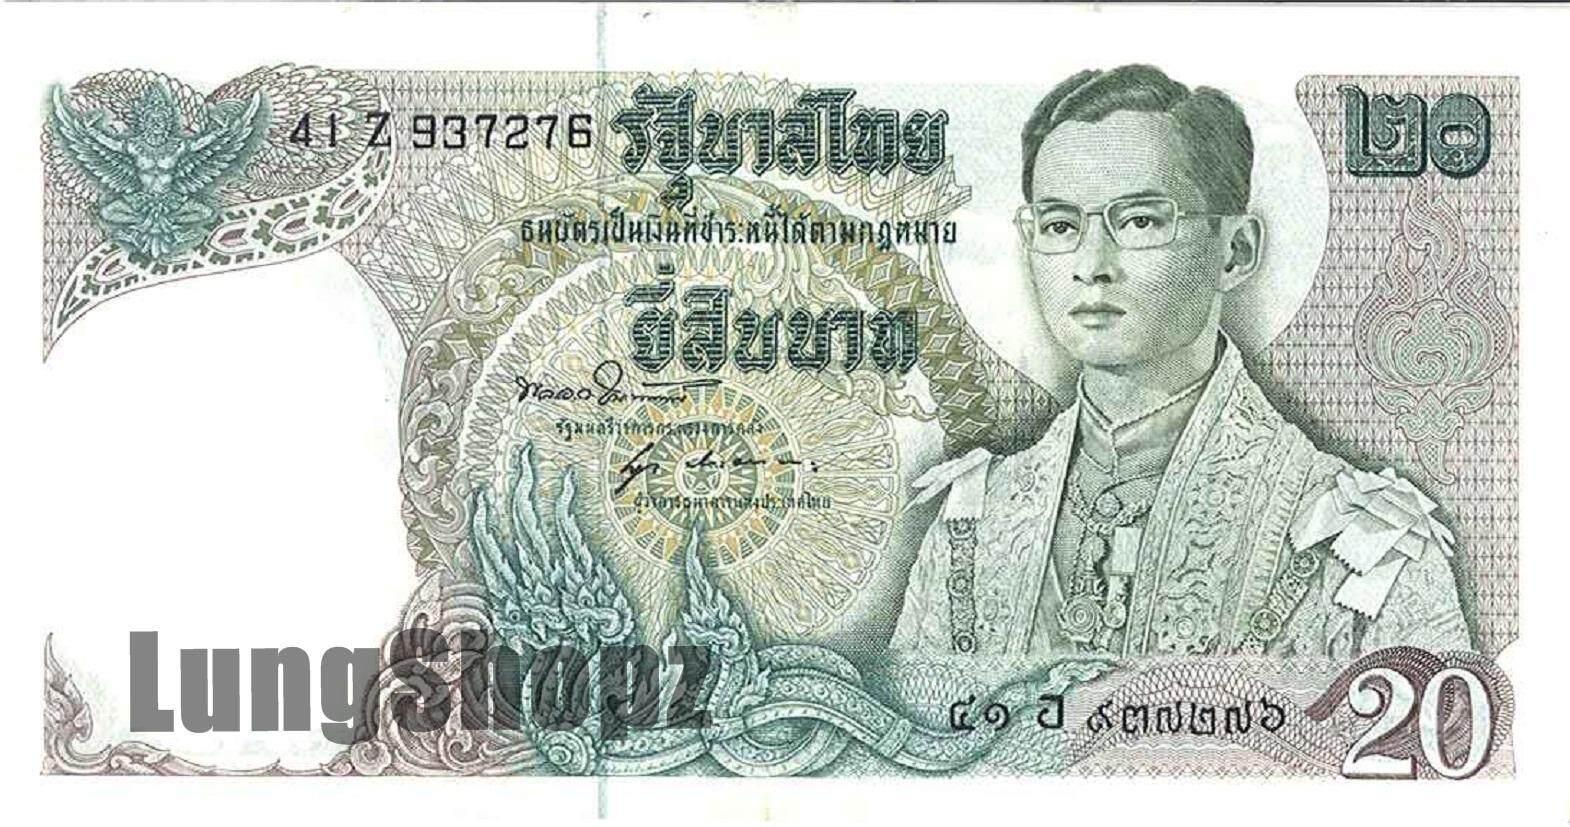 ขาย ธนบัตร 20 บาท แบบ 11 หลังเรือพระที่นั่งอนันตนาคราช ออนไลน์ กรุงเทพมหานคร